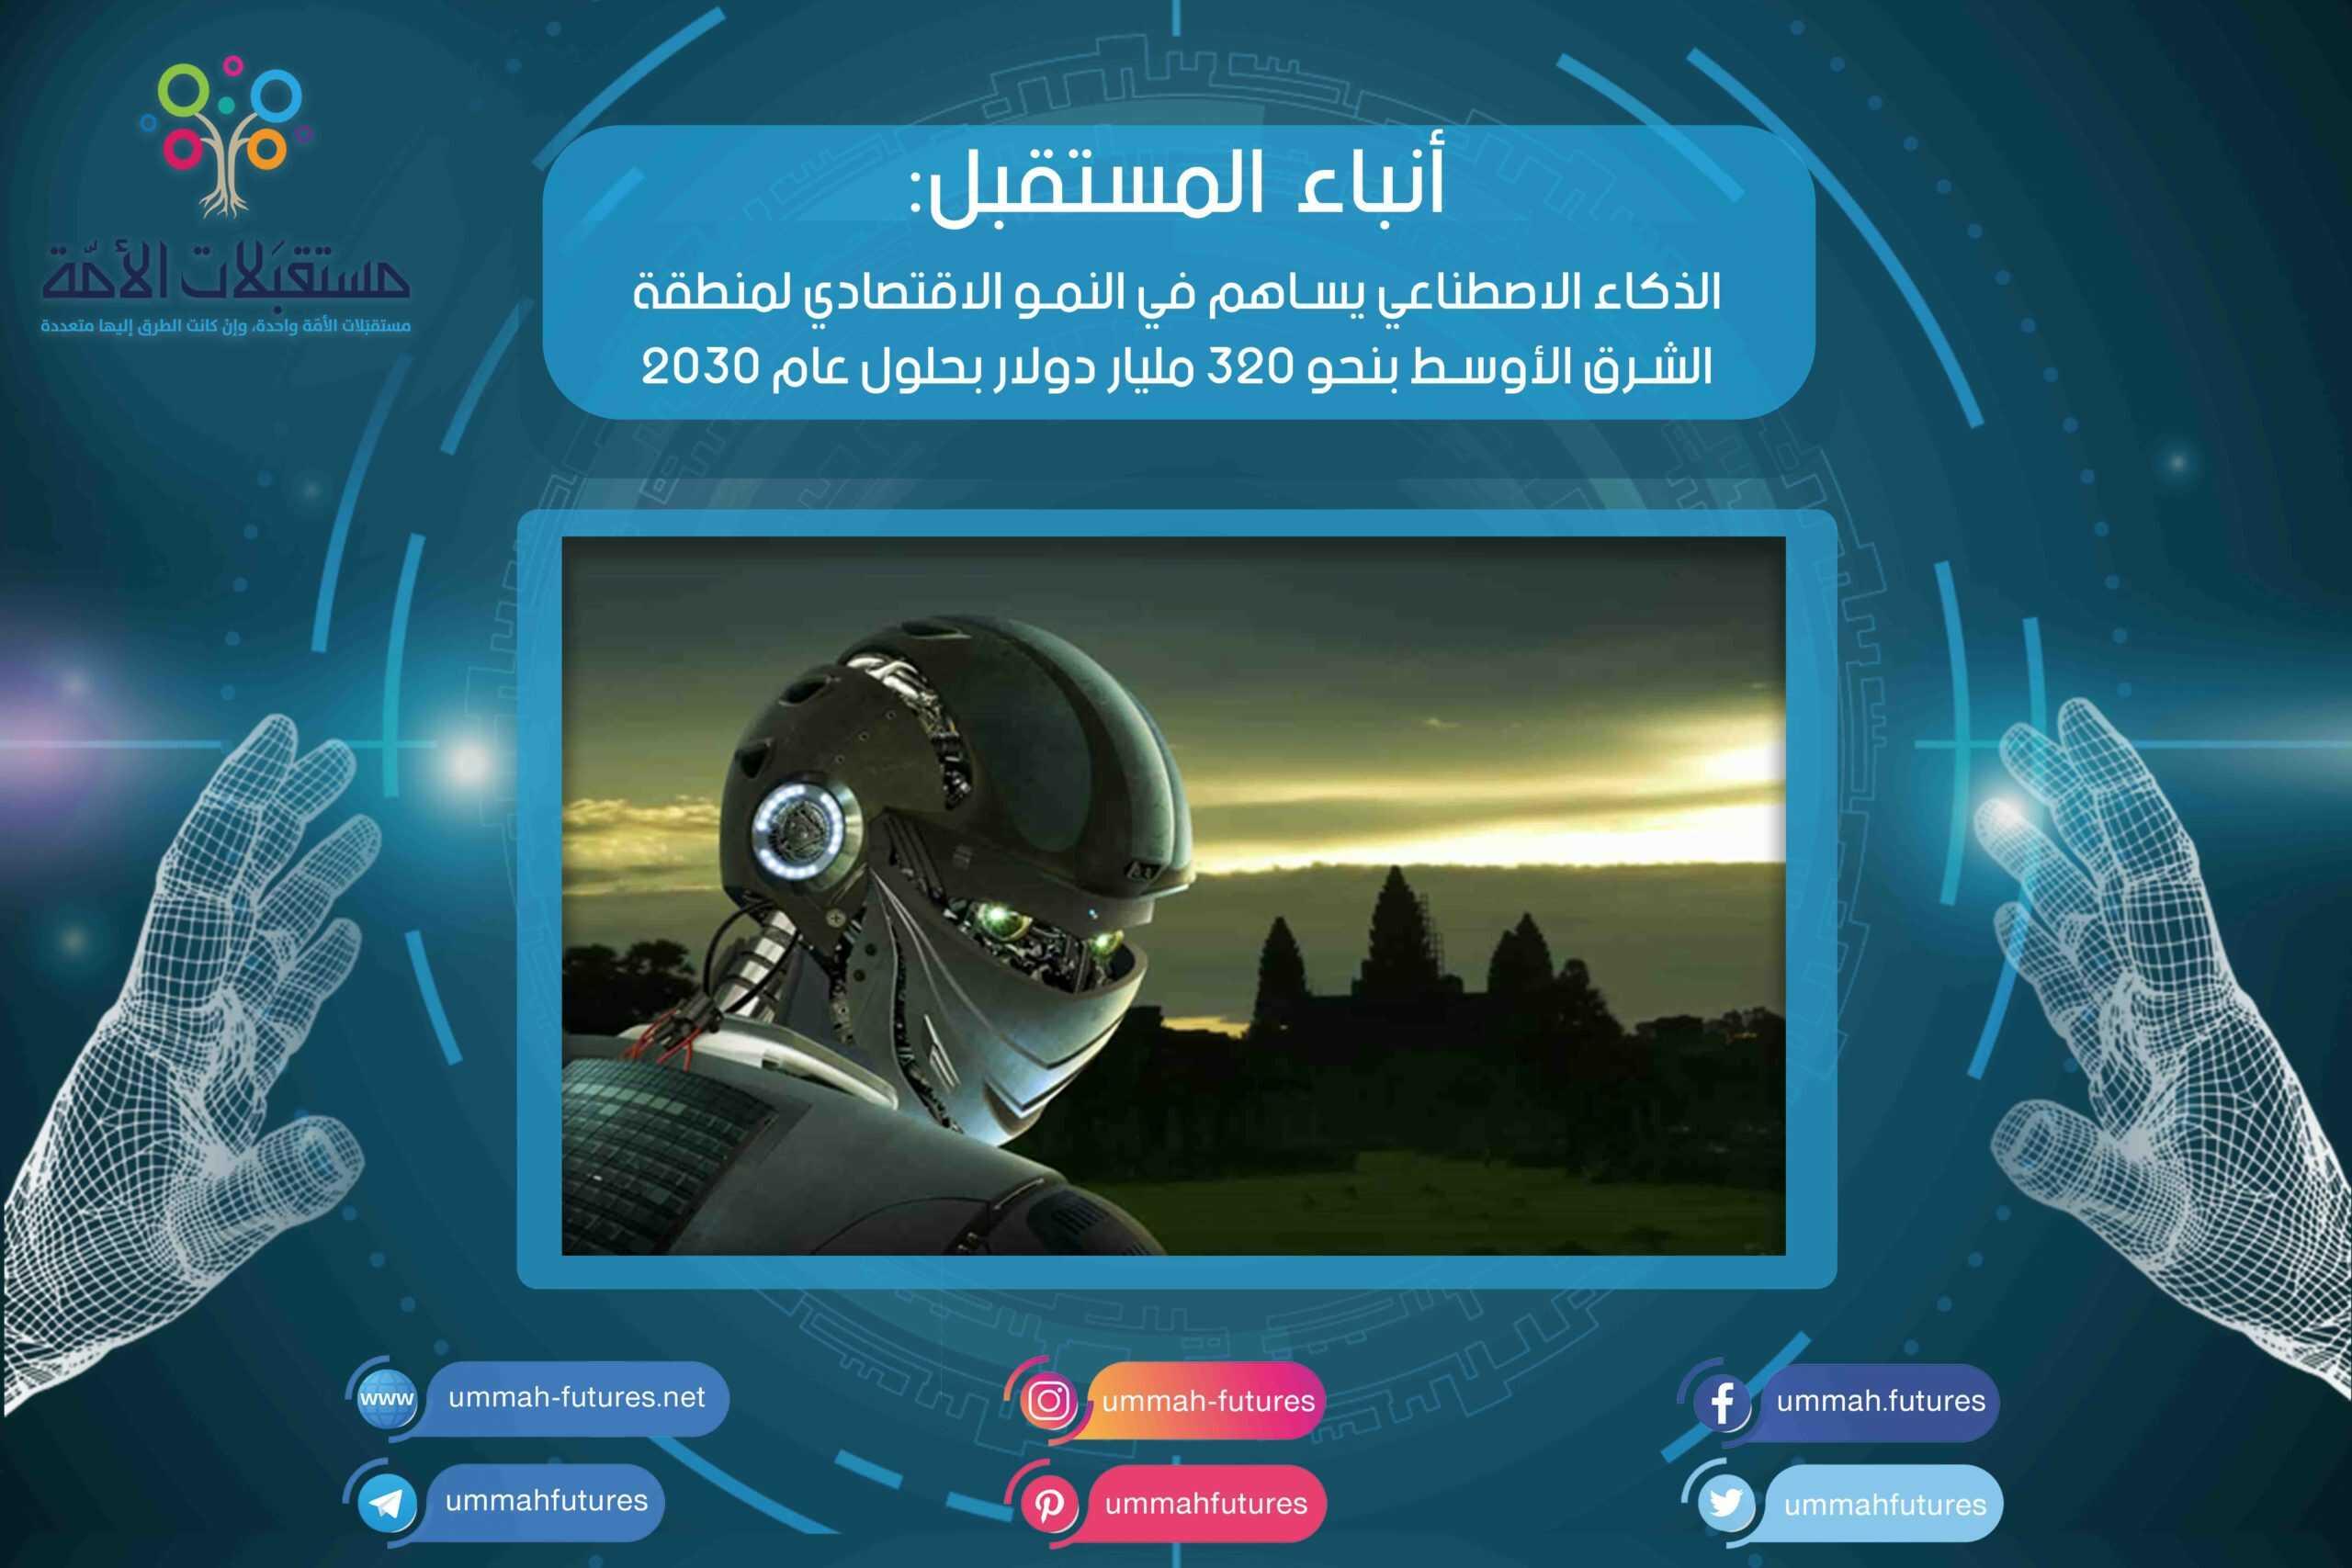 الذكاء الاصطناعي يساهم في النمو الاقتصادي لمنطقة الشرق الأوسط بحلول عام 2030